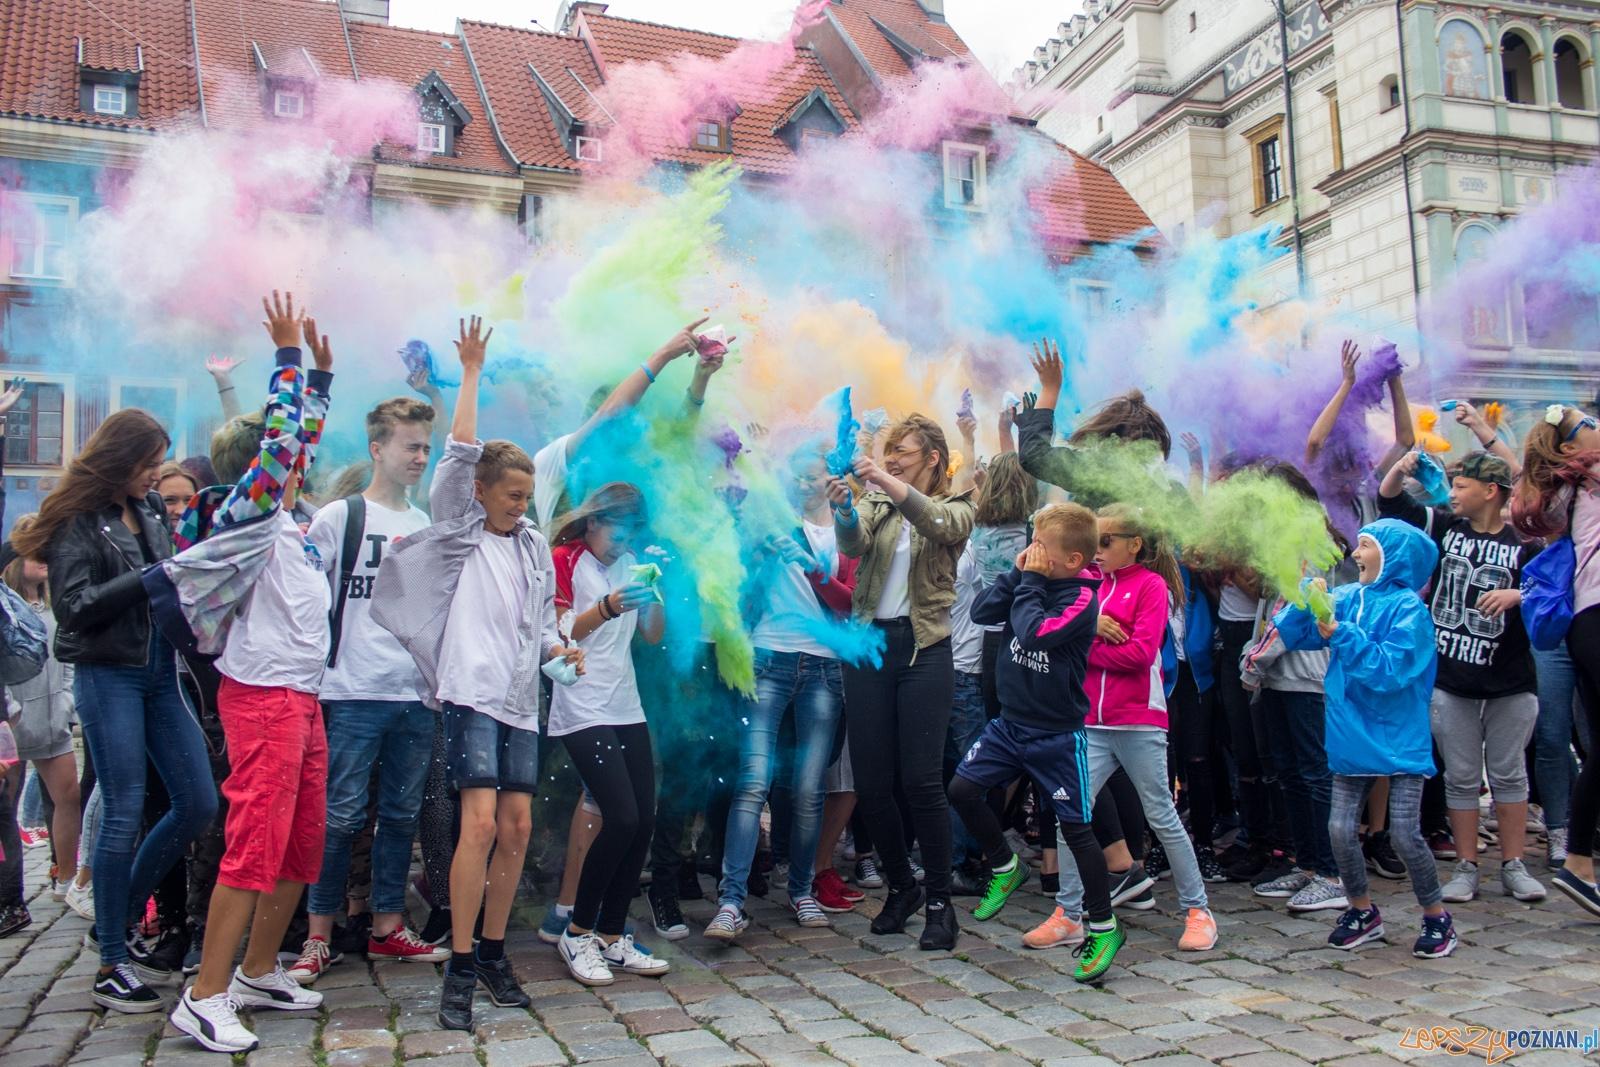 Kolorowy Flash Mob  Foto: lepszyPOZNAN.pl / Ewelina Jaśkowiak